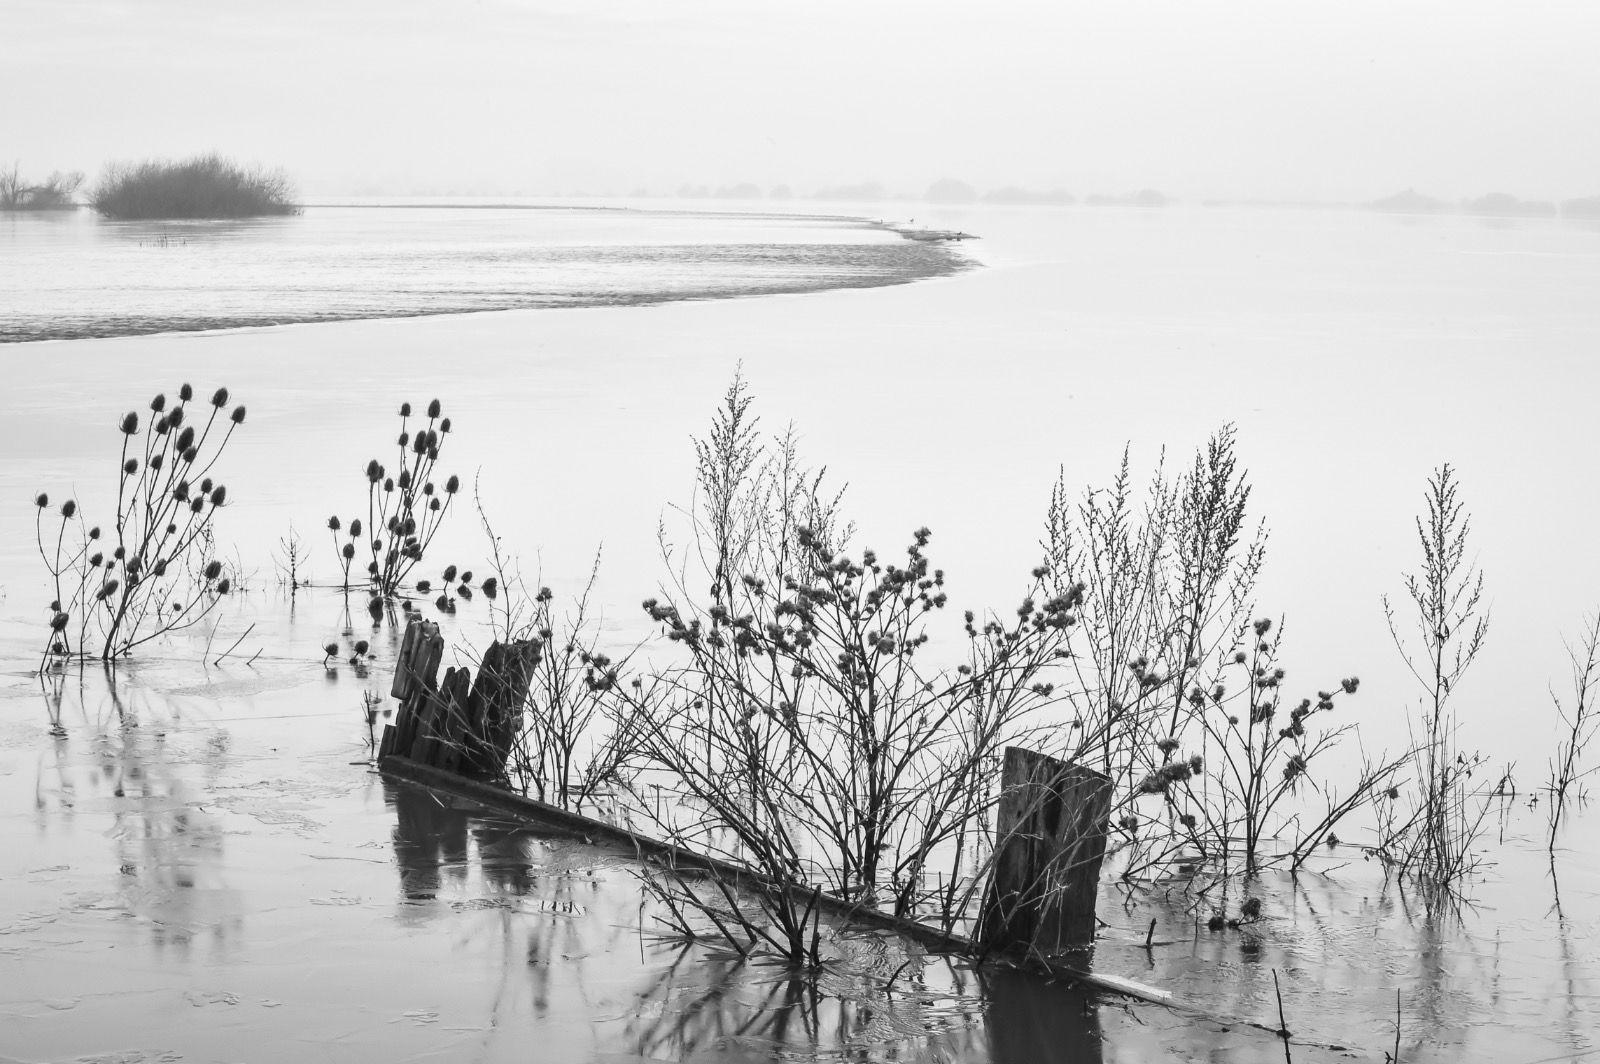 Retreating waters